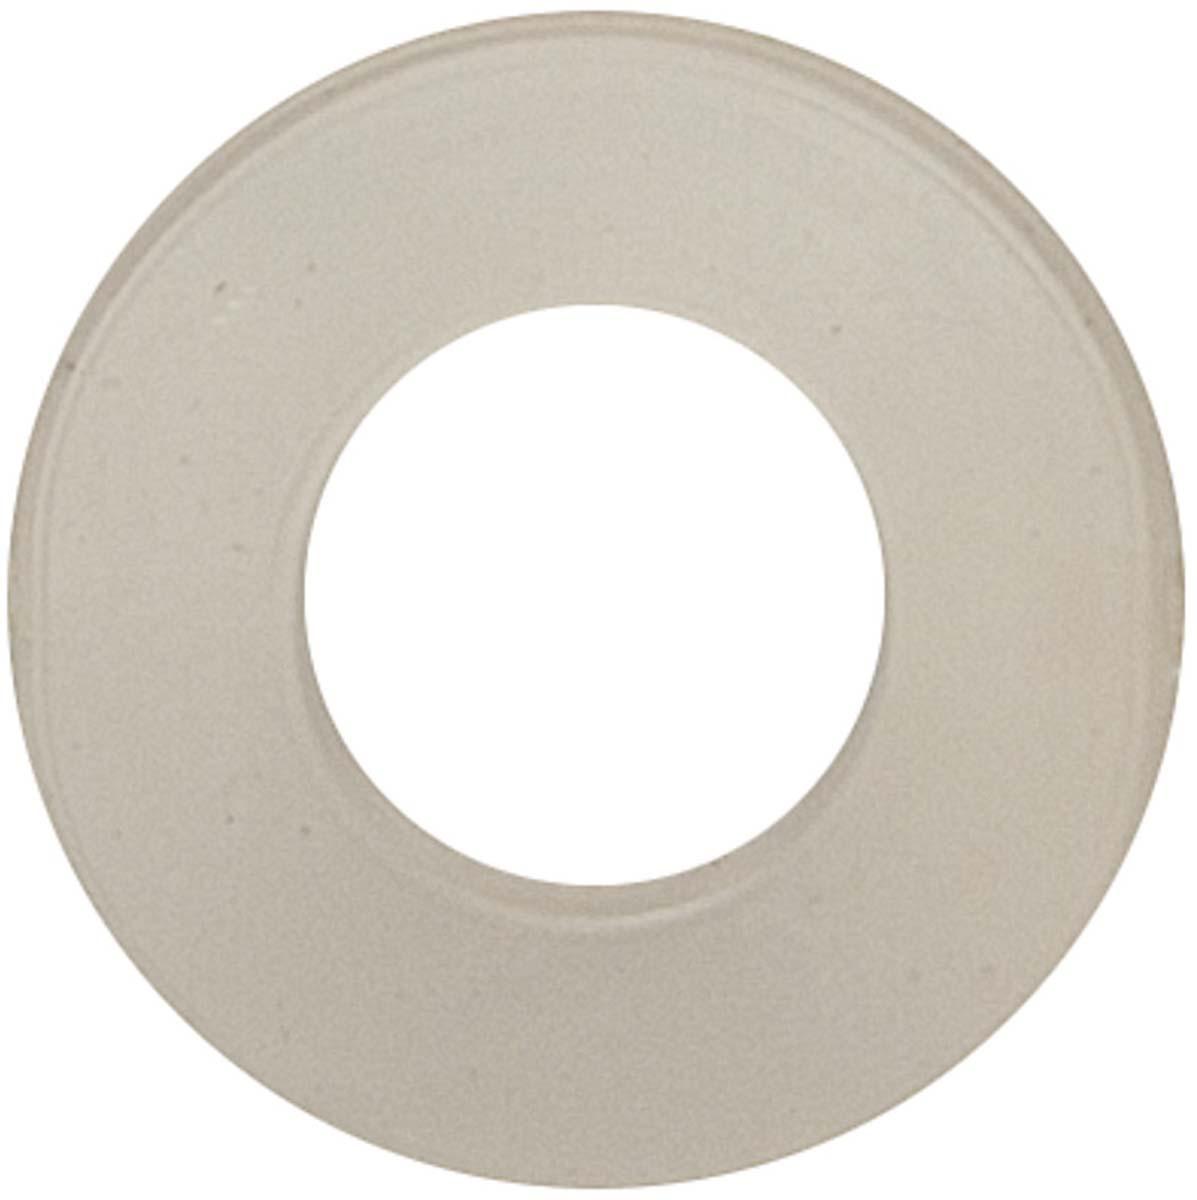 Прокладка силиконовая MasterProf, 3/4, 100 шт, MP-пакет прокладка силиконовая masterprof 1 2 100 шт mp пакет